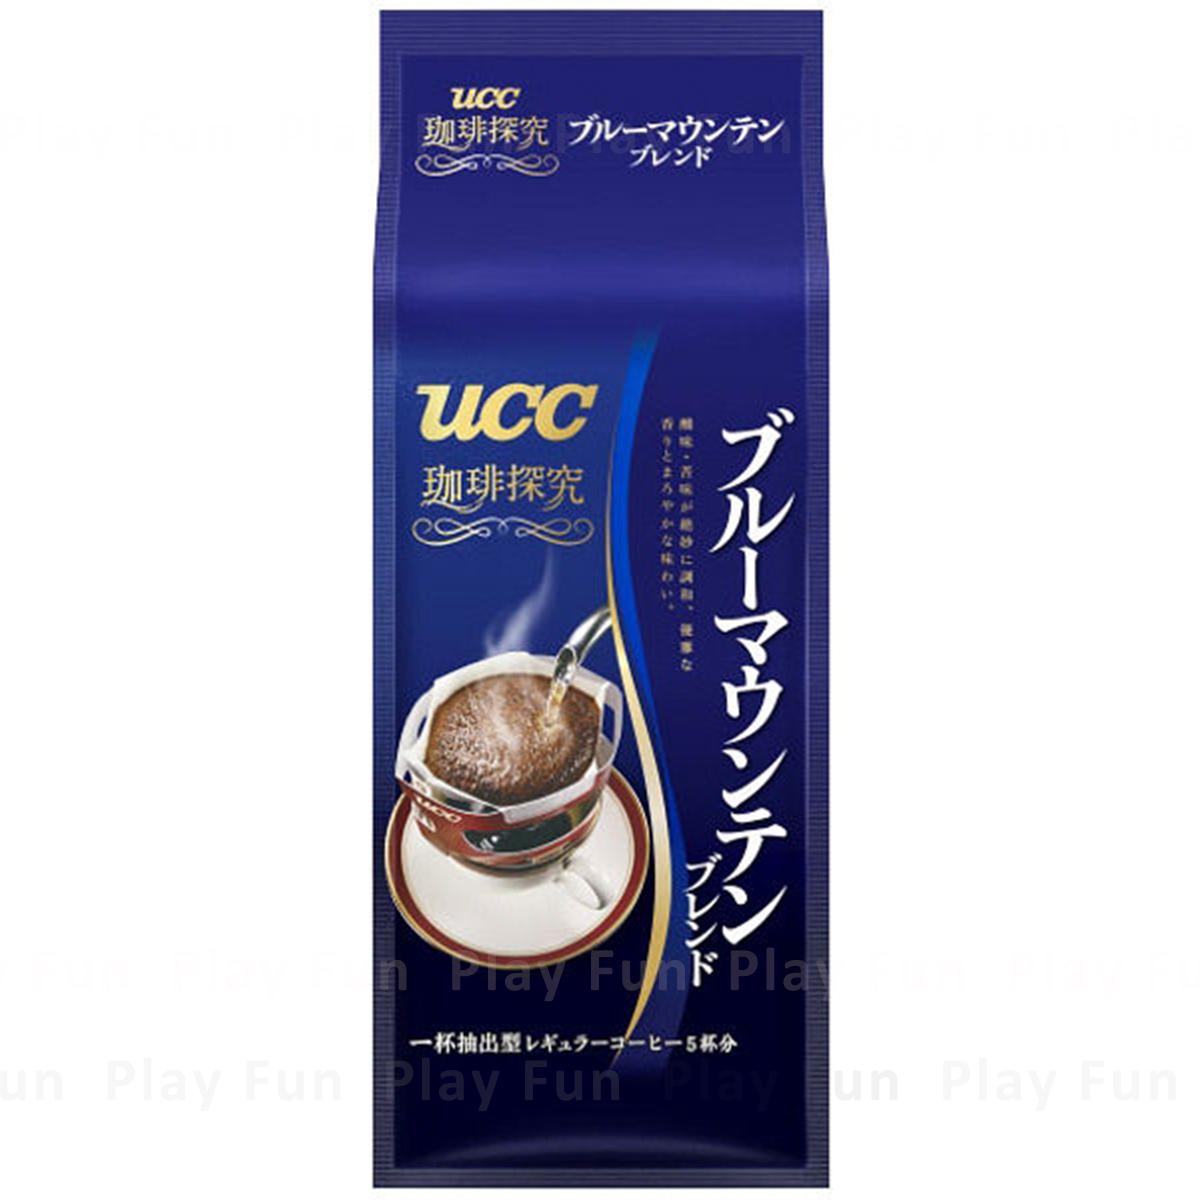 珈琲探求 藍山風味滴餾咖啡 5P  (4901201121722)